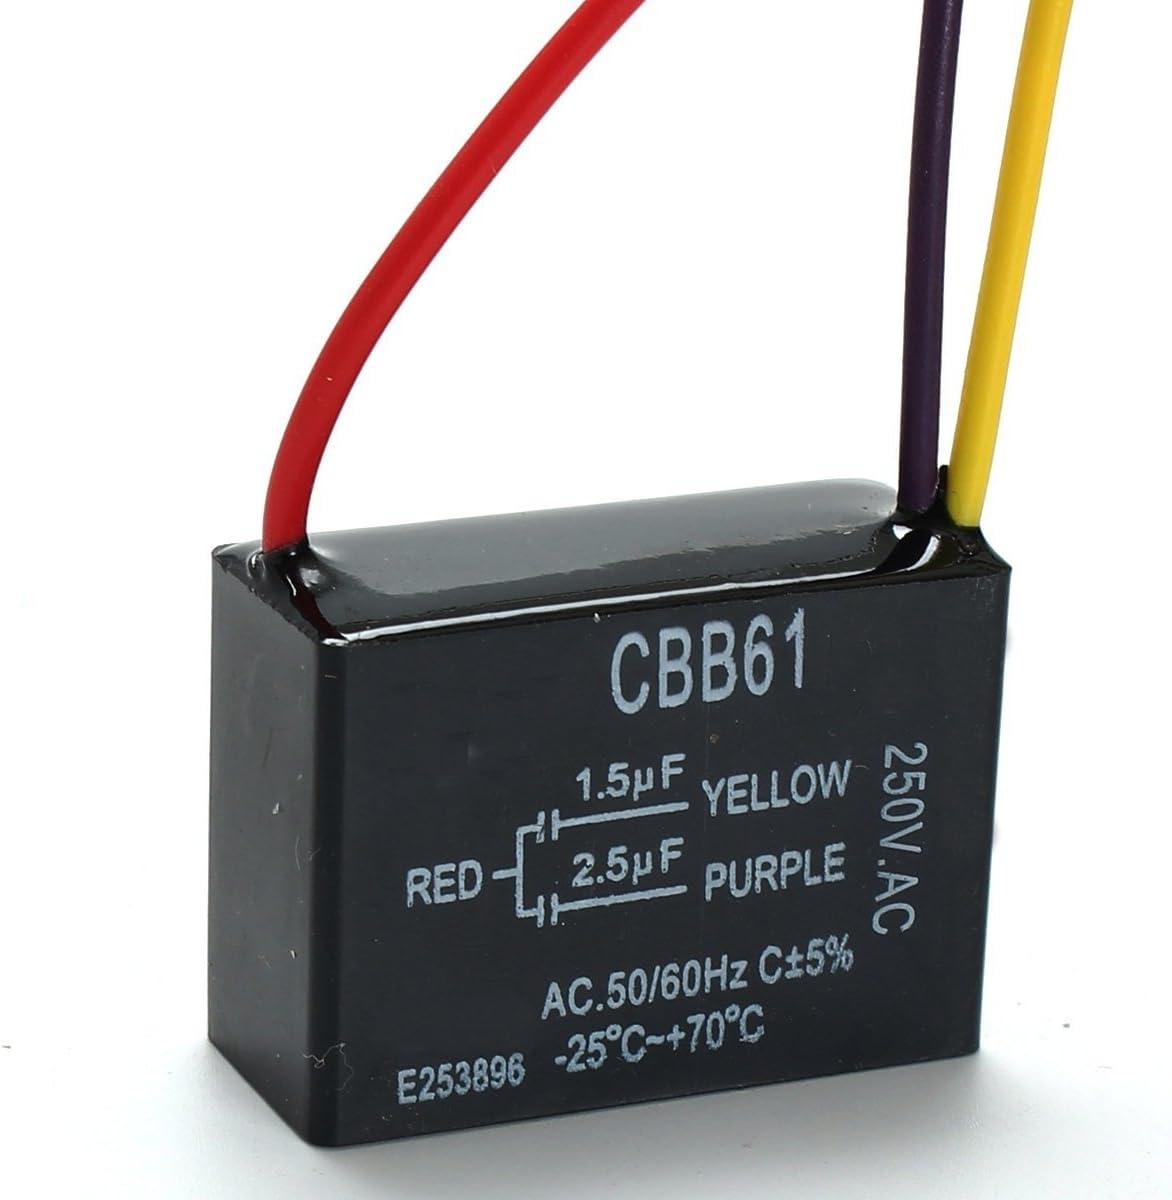 MYAMIA Cbb61 1.5 Uf + 2.5 Uf 3 Alambre 250Vac Ventilador De Techo Condensador 3 Cables